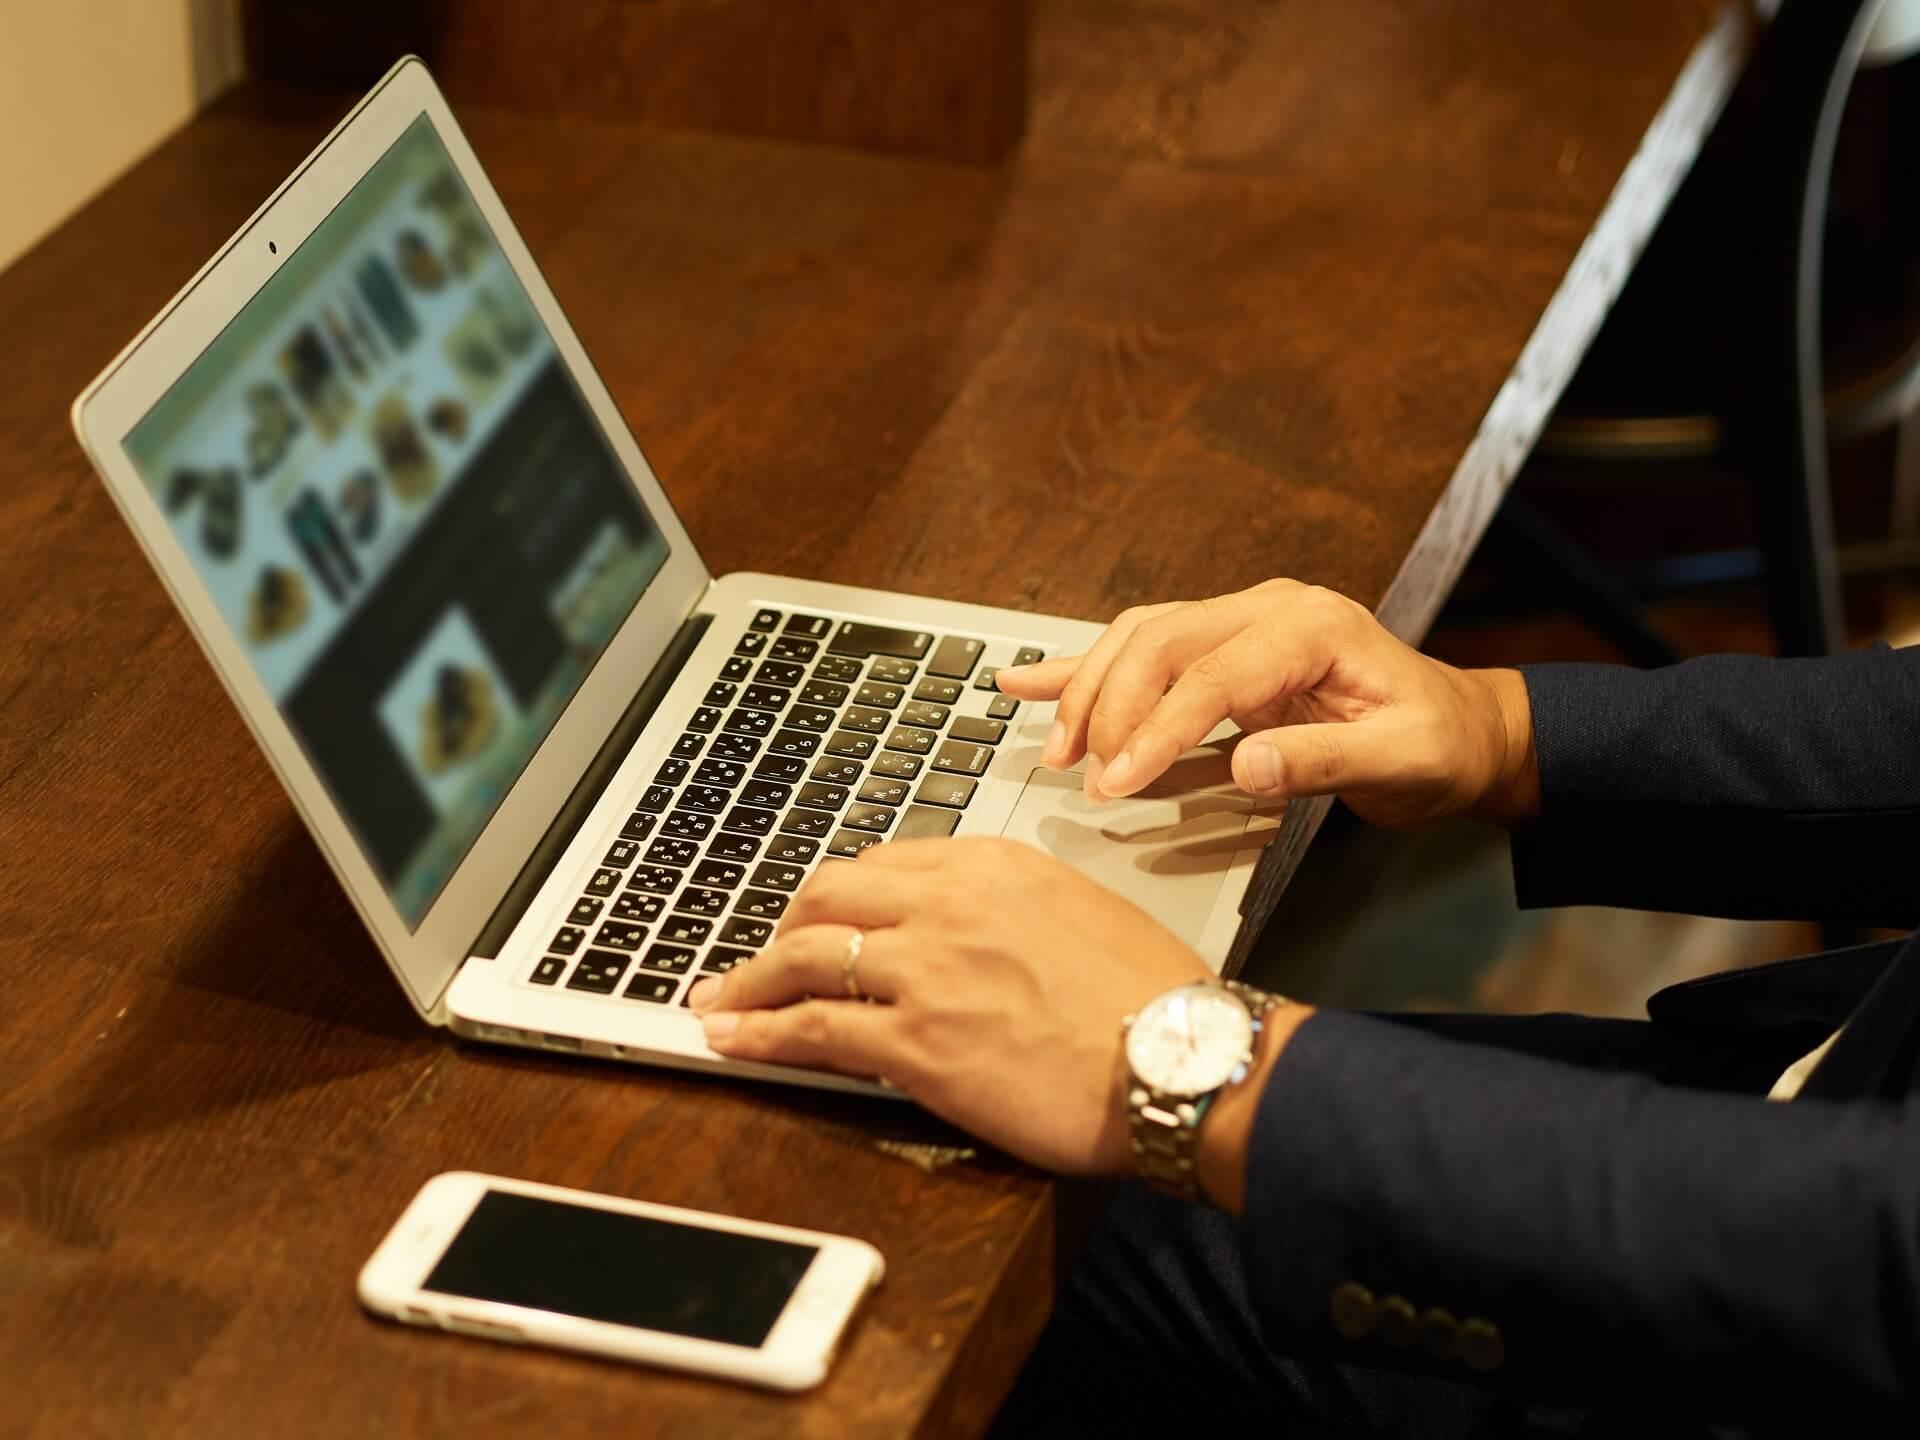 ウェブサイト・ブログ運営 【発信や仲間づくりもできる趣味に】